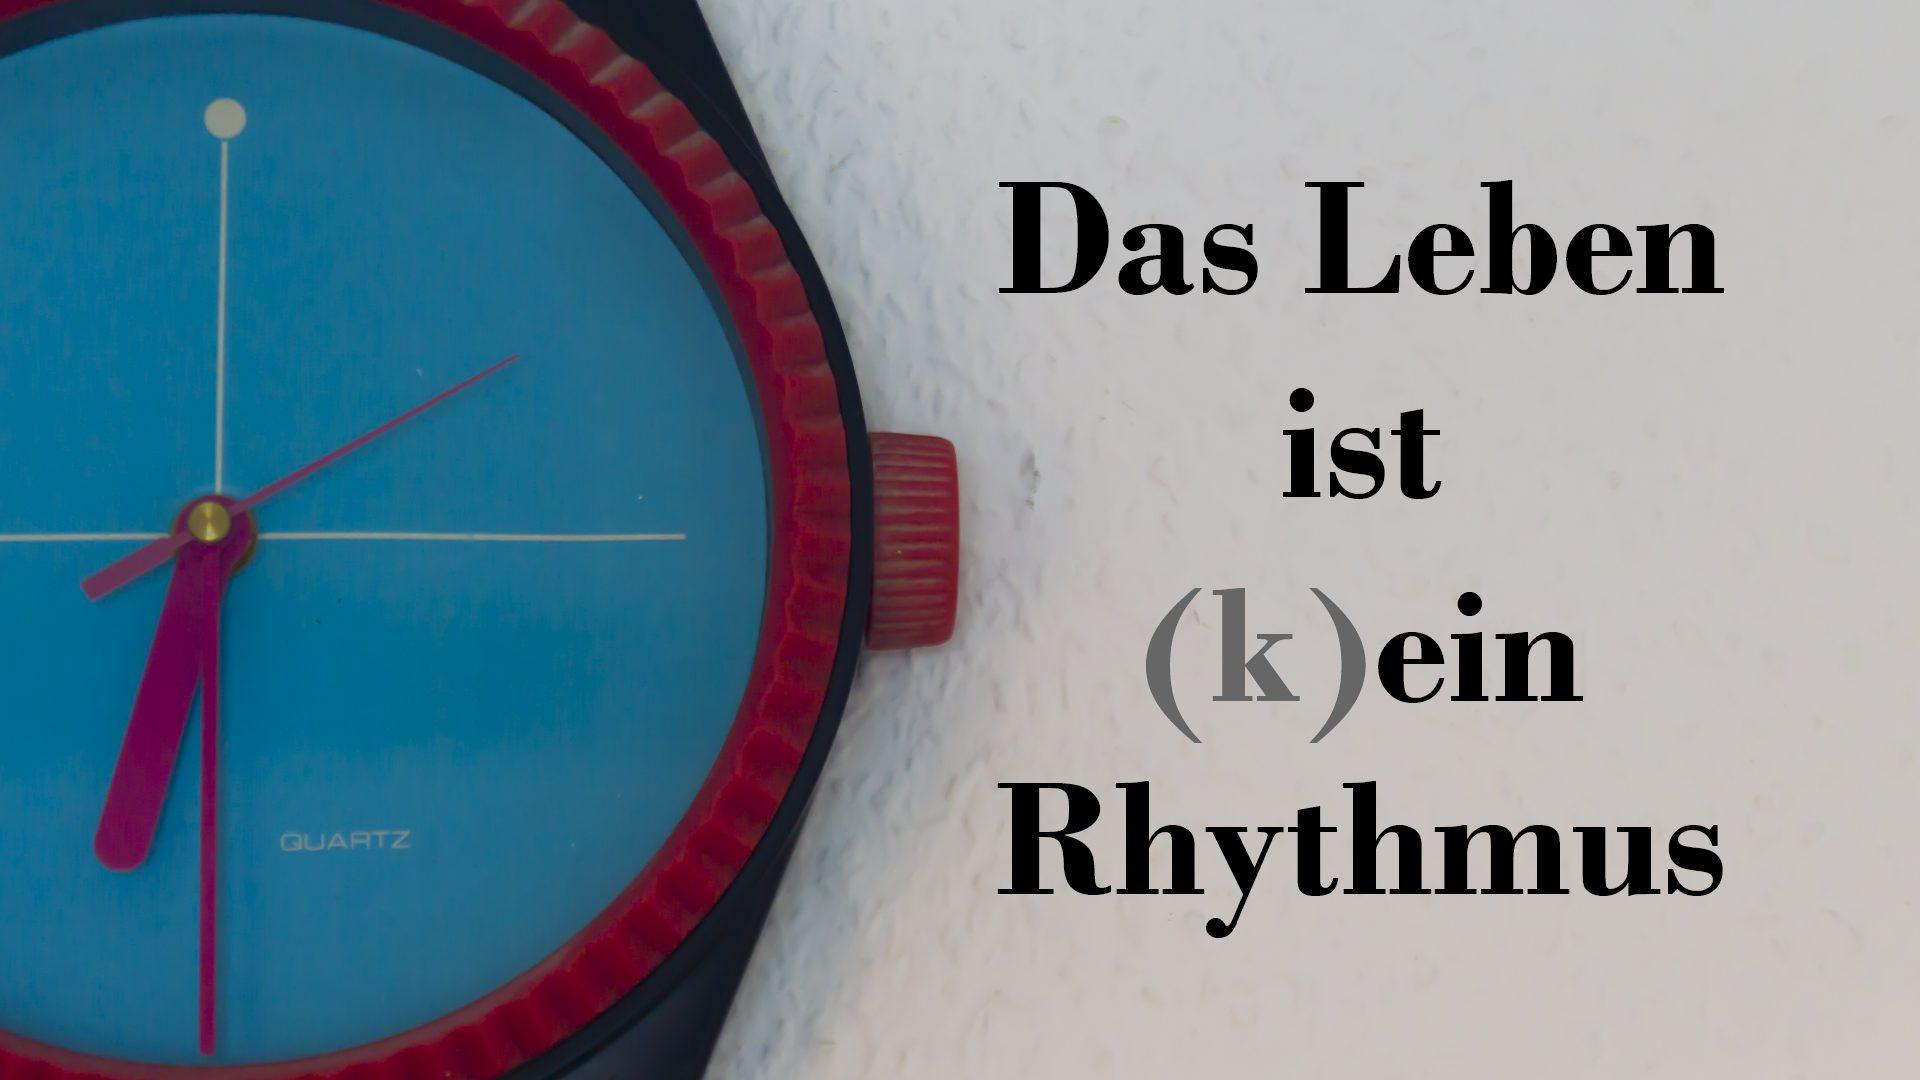 Das Leben ist (k)ein Rhythmus